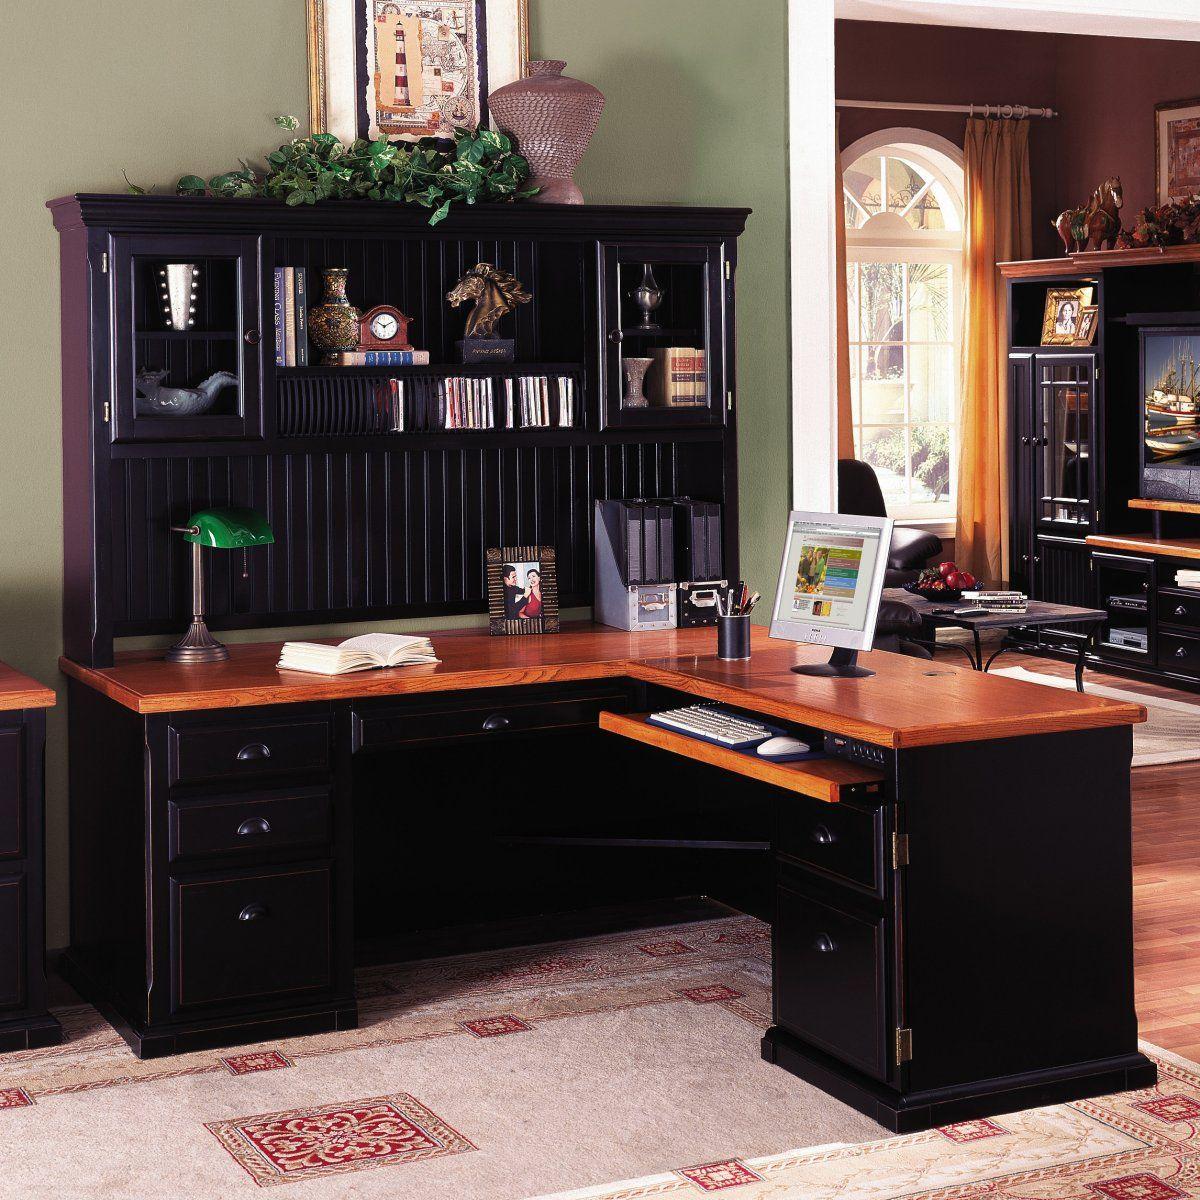 Southampton L Desk-Optional Hutch by Kathy Ireland - Black